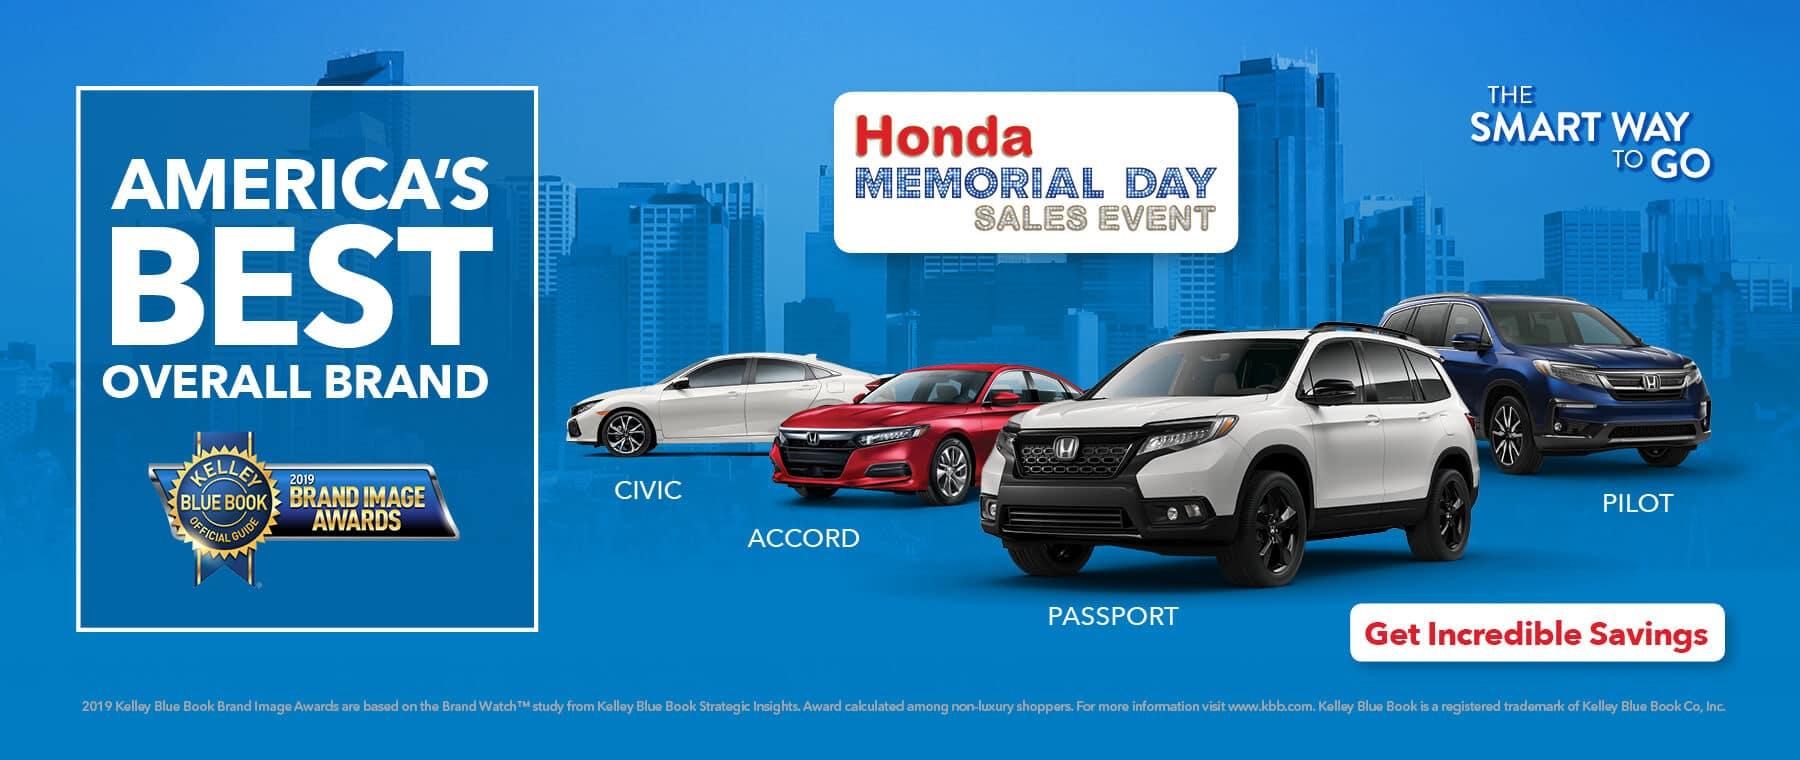 2019 Honda Memorial Day Sales Event Detroit Area Honda Dealers HP Slide